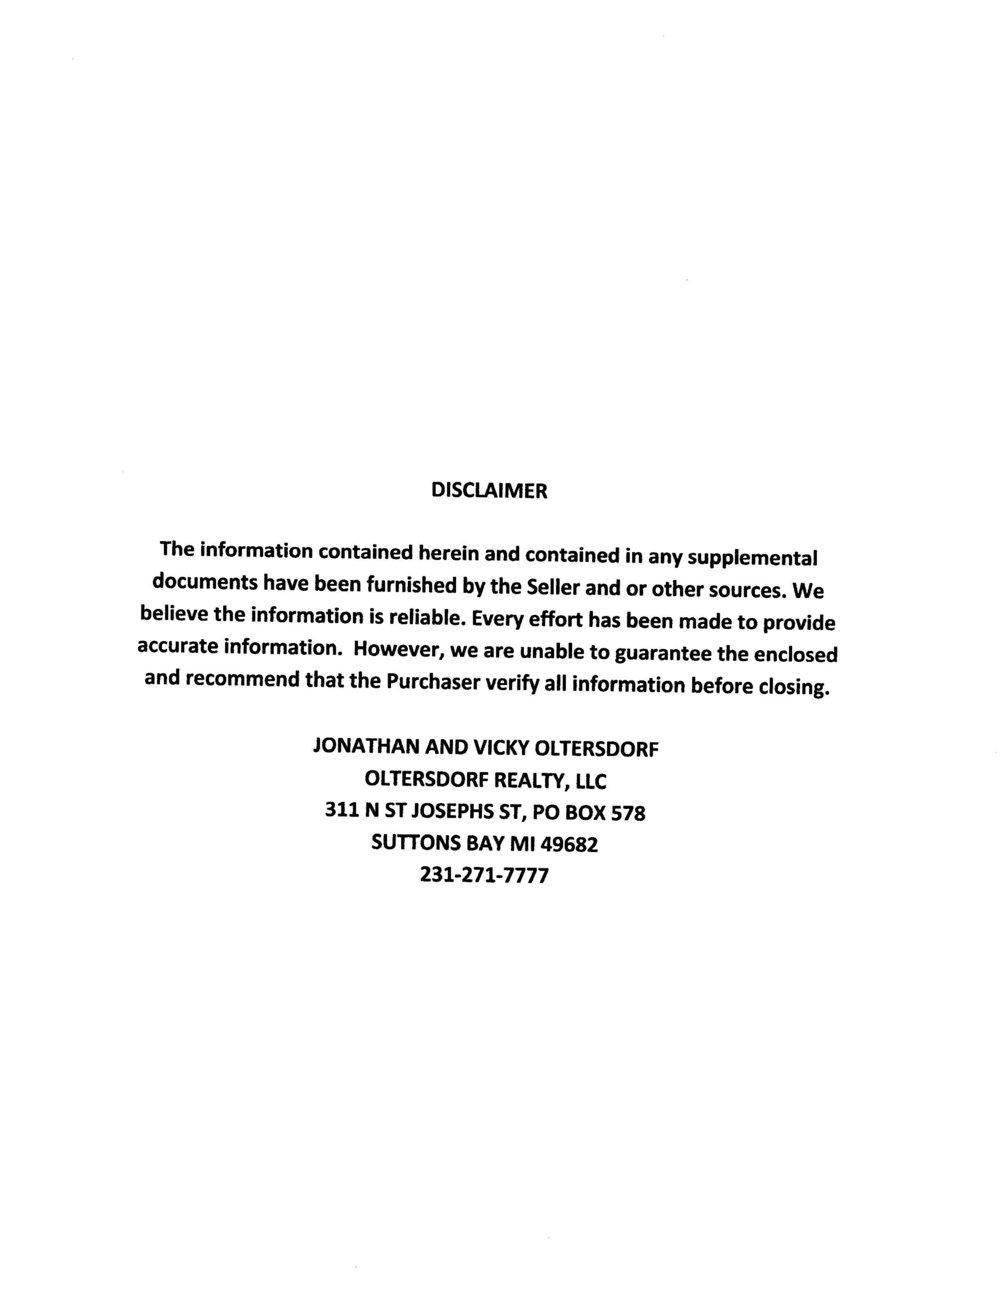 45 N Eagle Highway, Lake Leelanau, Real Estate For Sale by Oltersdorf Realty - Marketing Packet (26).jpg